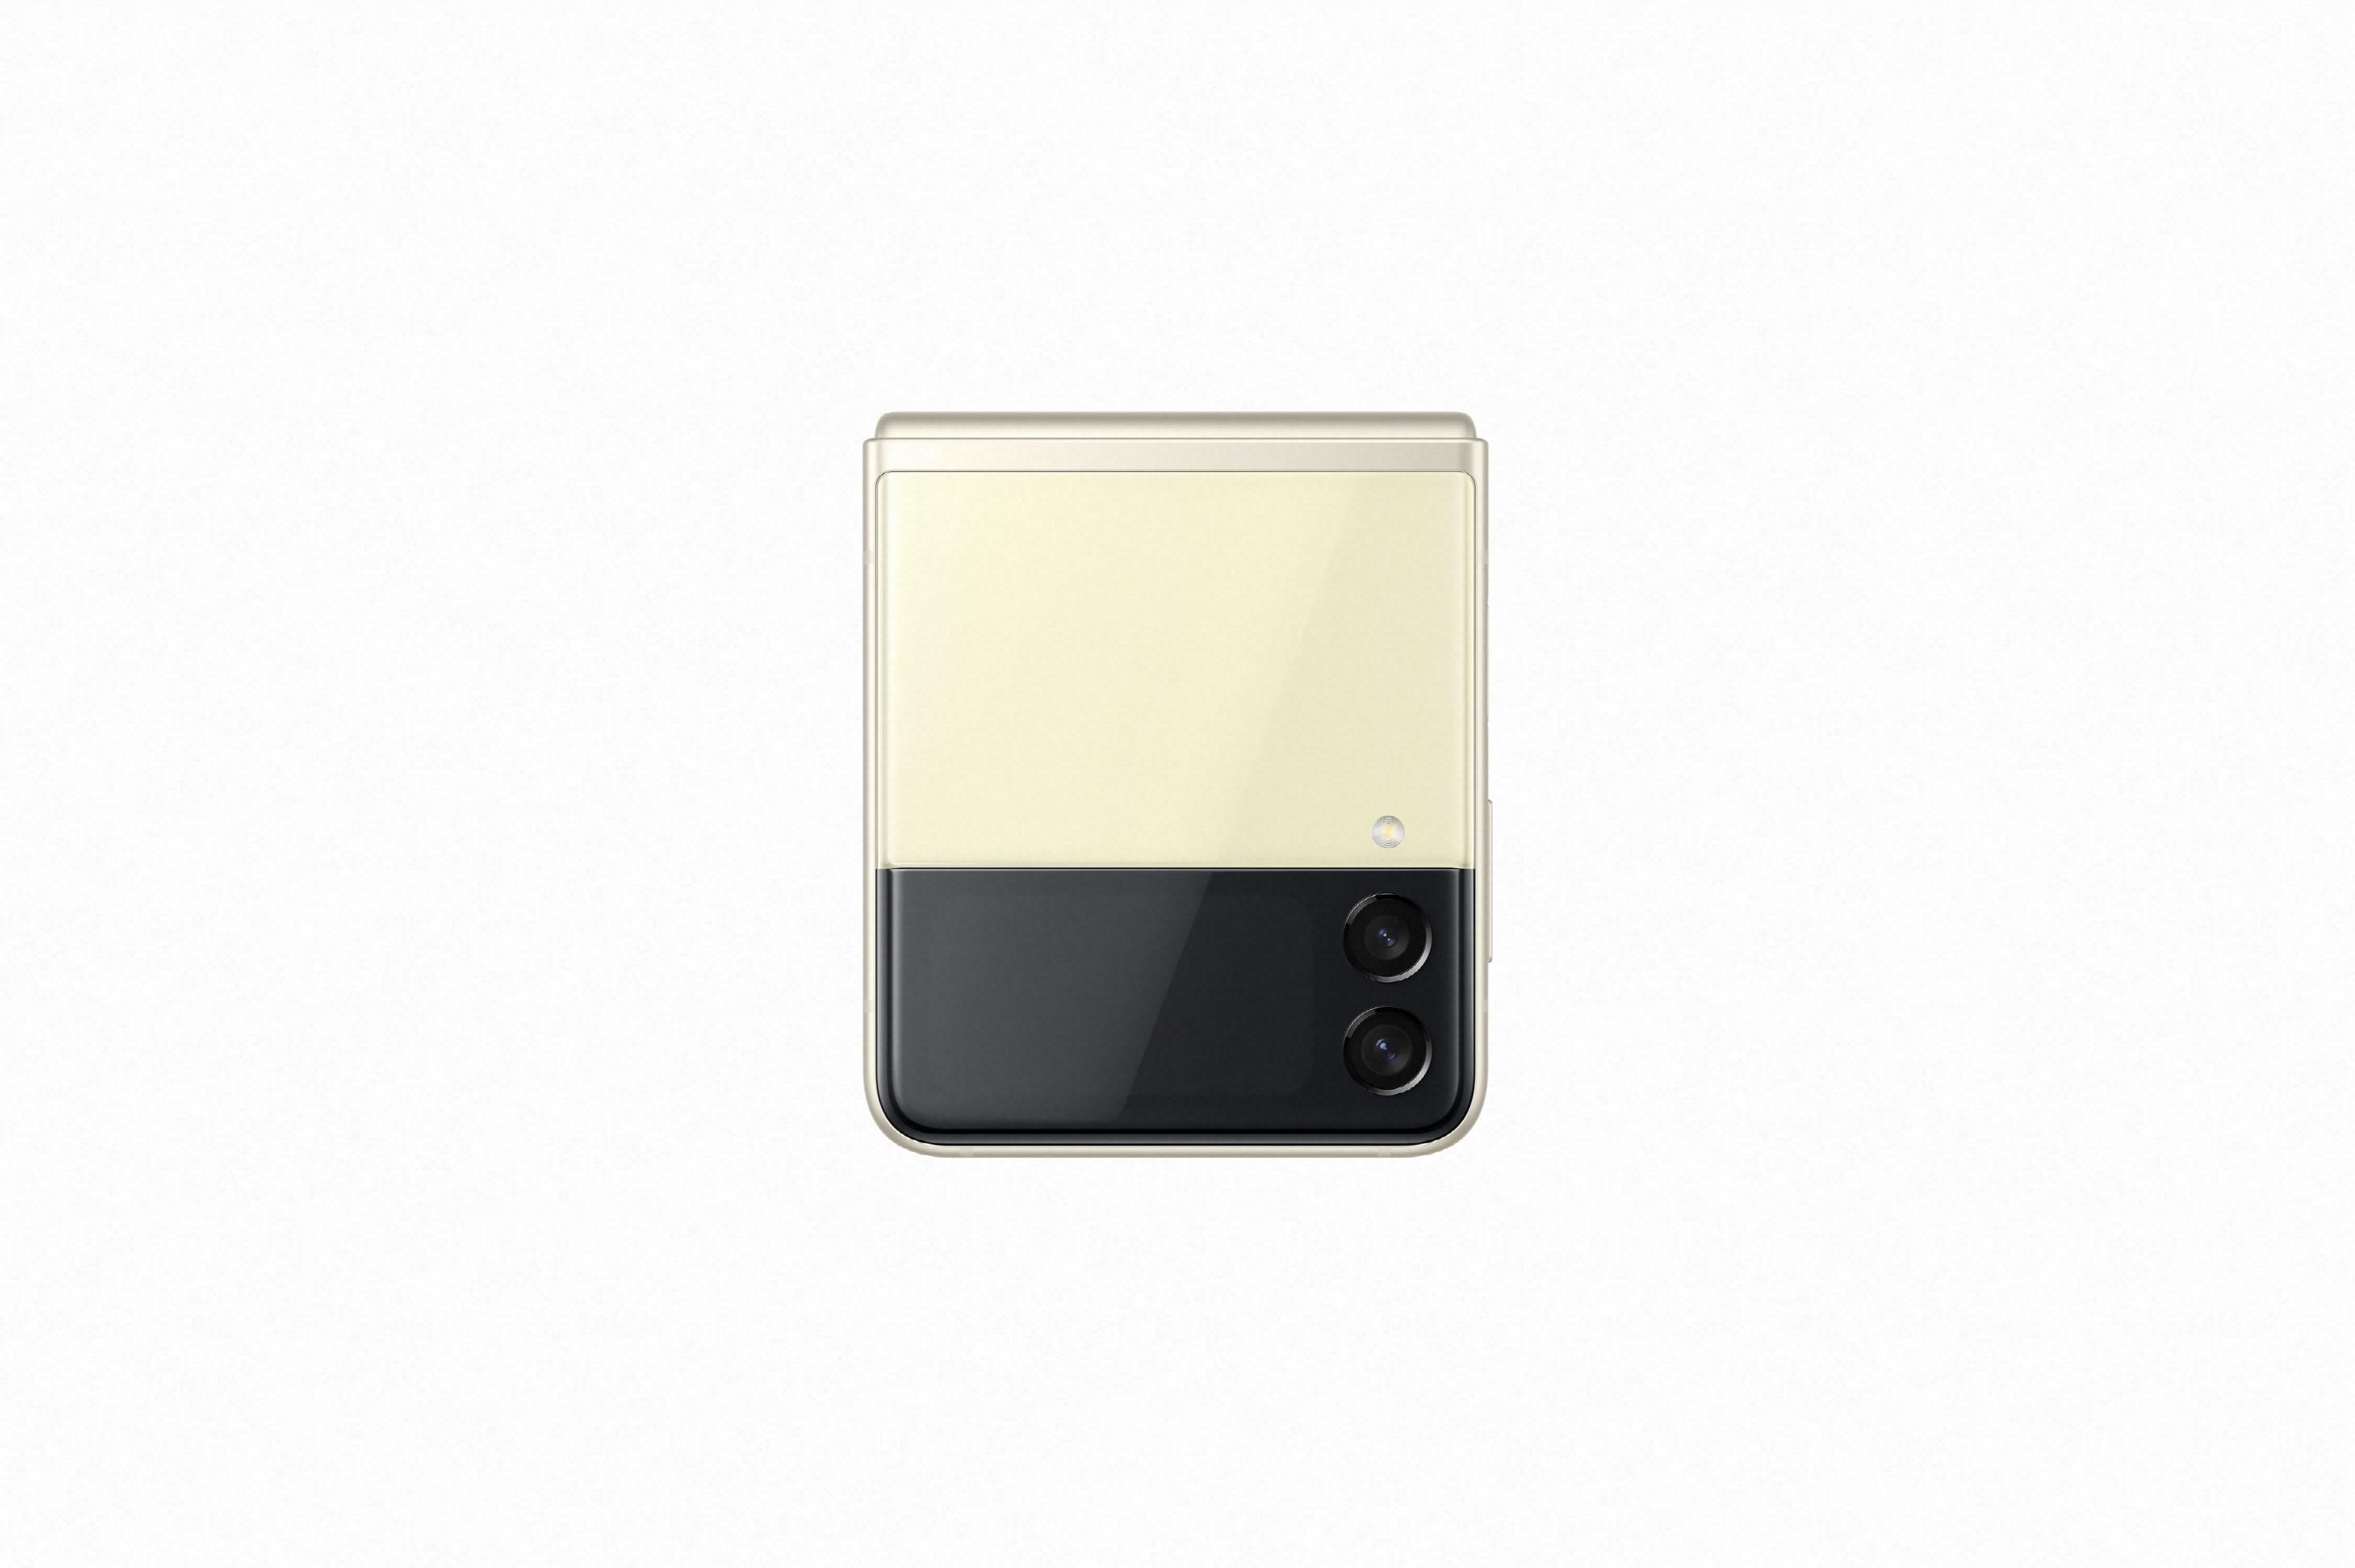 삼성 '갤럭시 Z 플립3' 제품 이미지